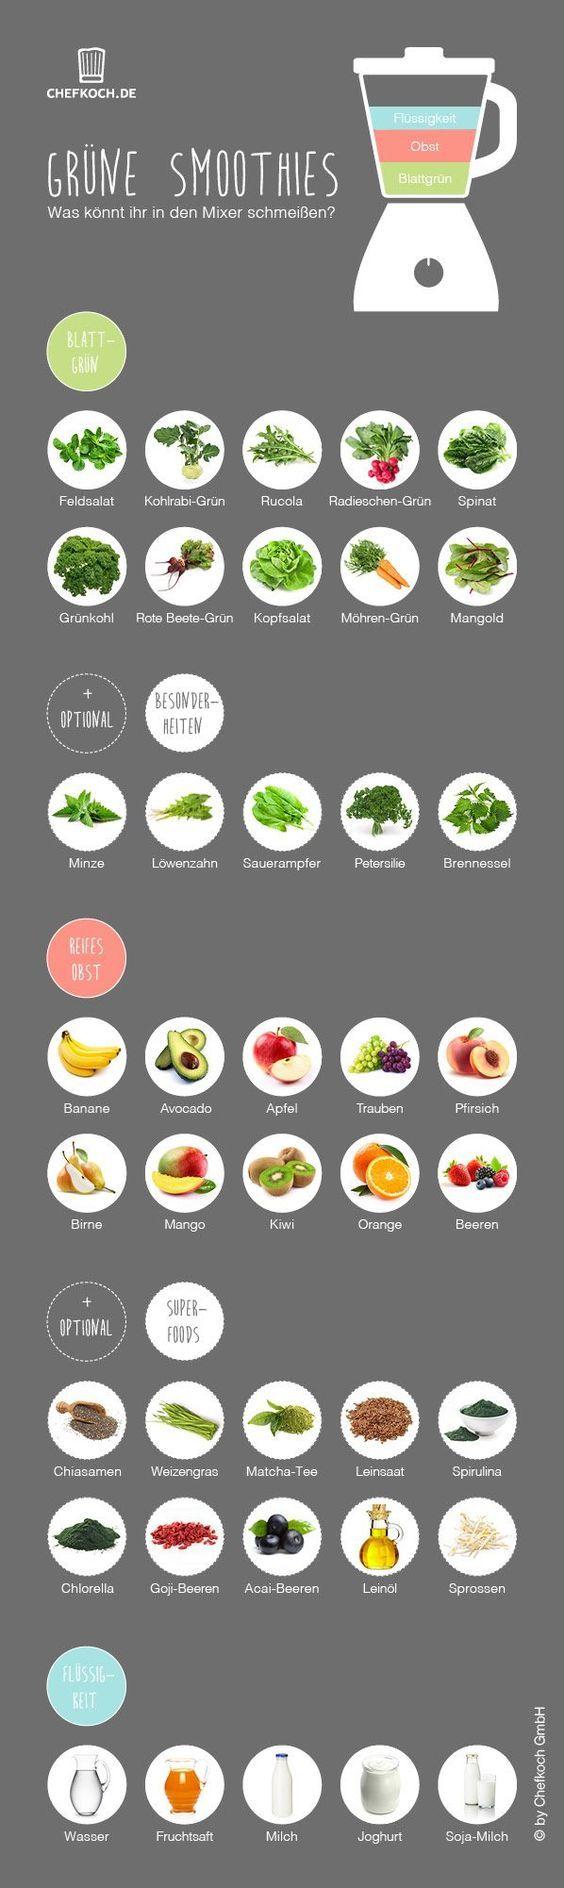 Grüne Smoothies – gesunde Drinks für mehr Energie | Chefkoch.de